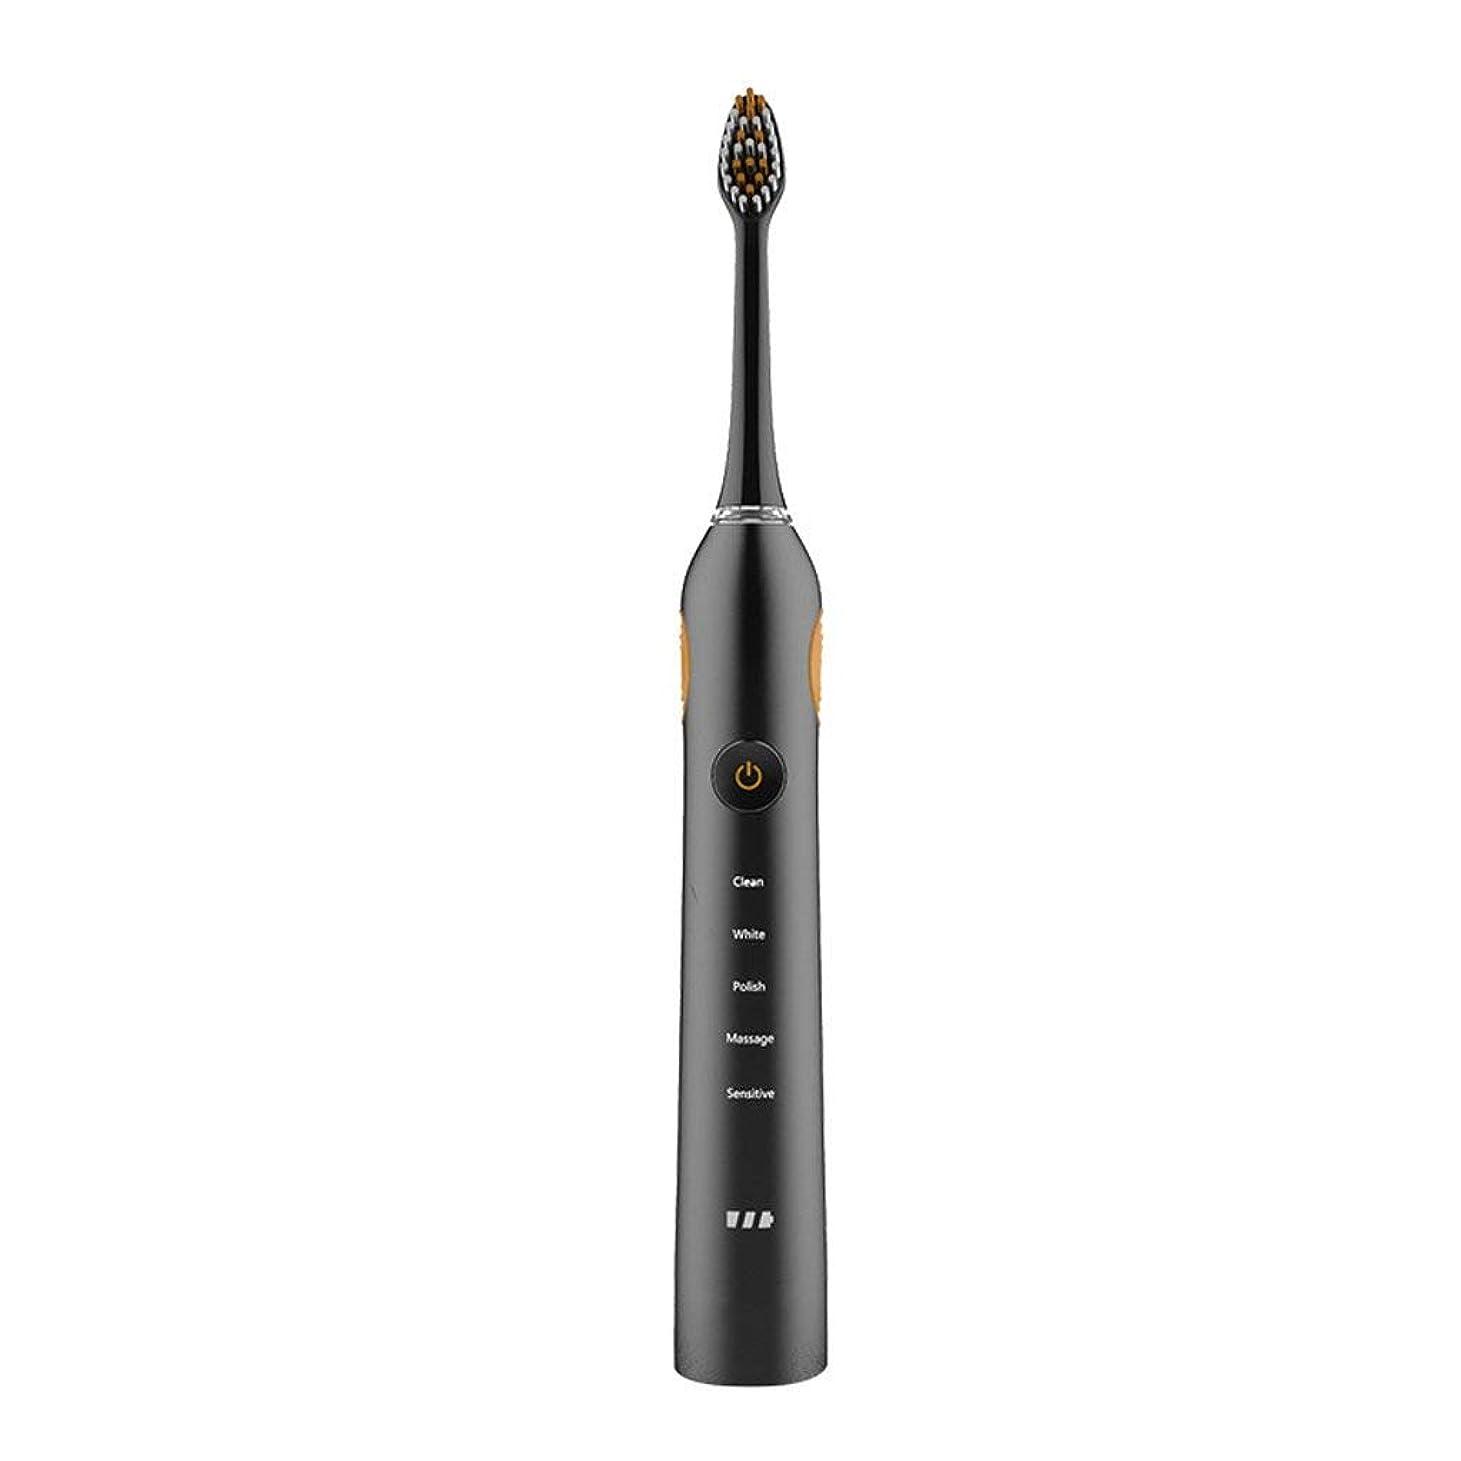 焦がす文献忘れられない音波歯ブラシIPX7防水電動歯ブラシ低ノイズ電動歯ブラシ2交換ヘッド5ブラッシングモード(色:B)